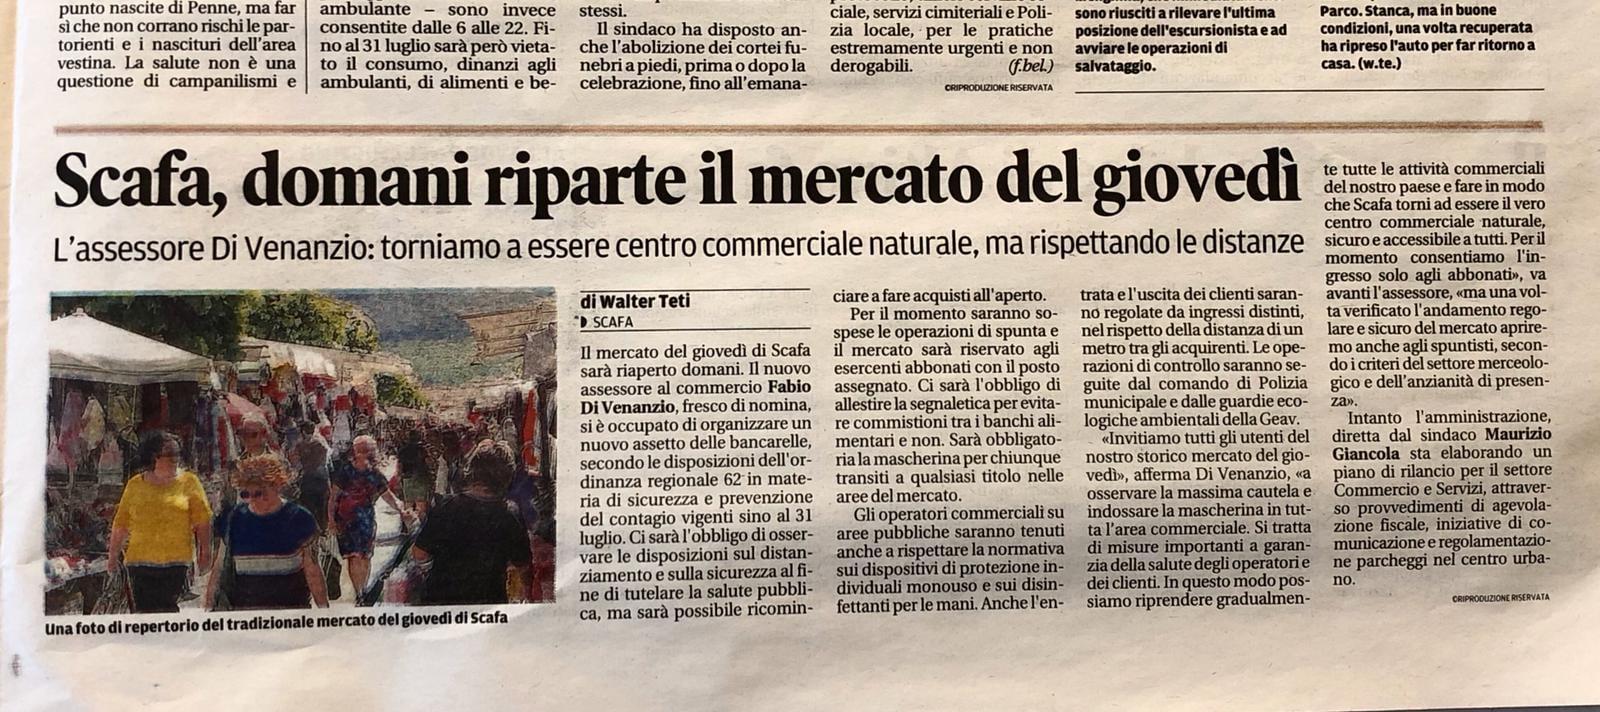 28 MAGGIO RIAPERTURA DEL MERCATO DEL GIOVEDI' CON TUTTE LE MISURE DI SICUREZZA.